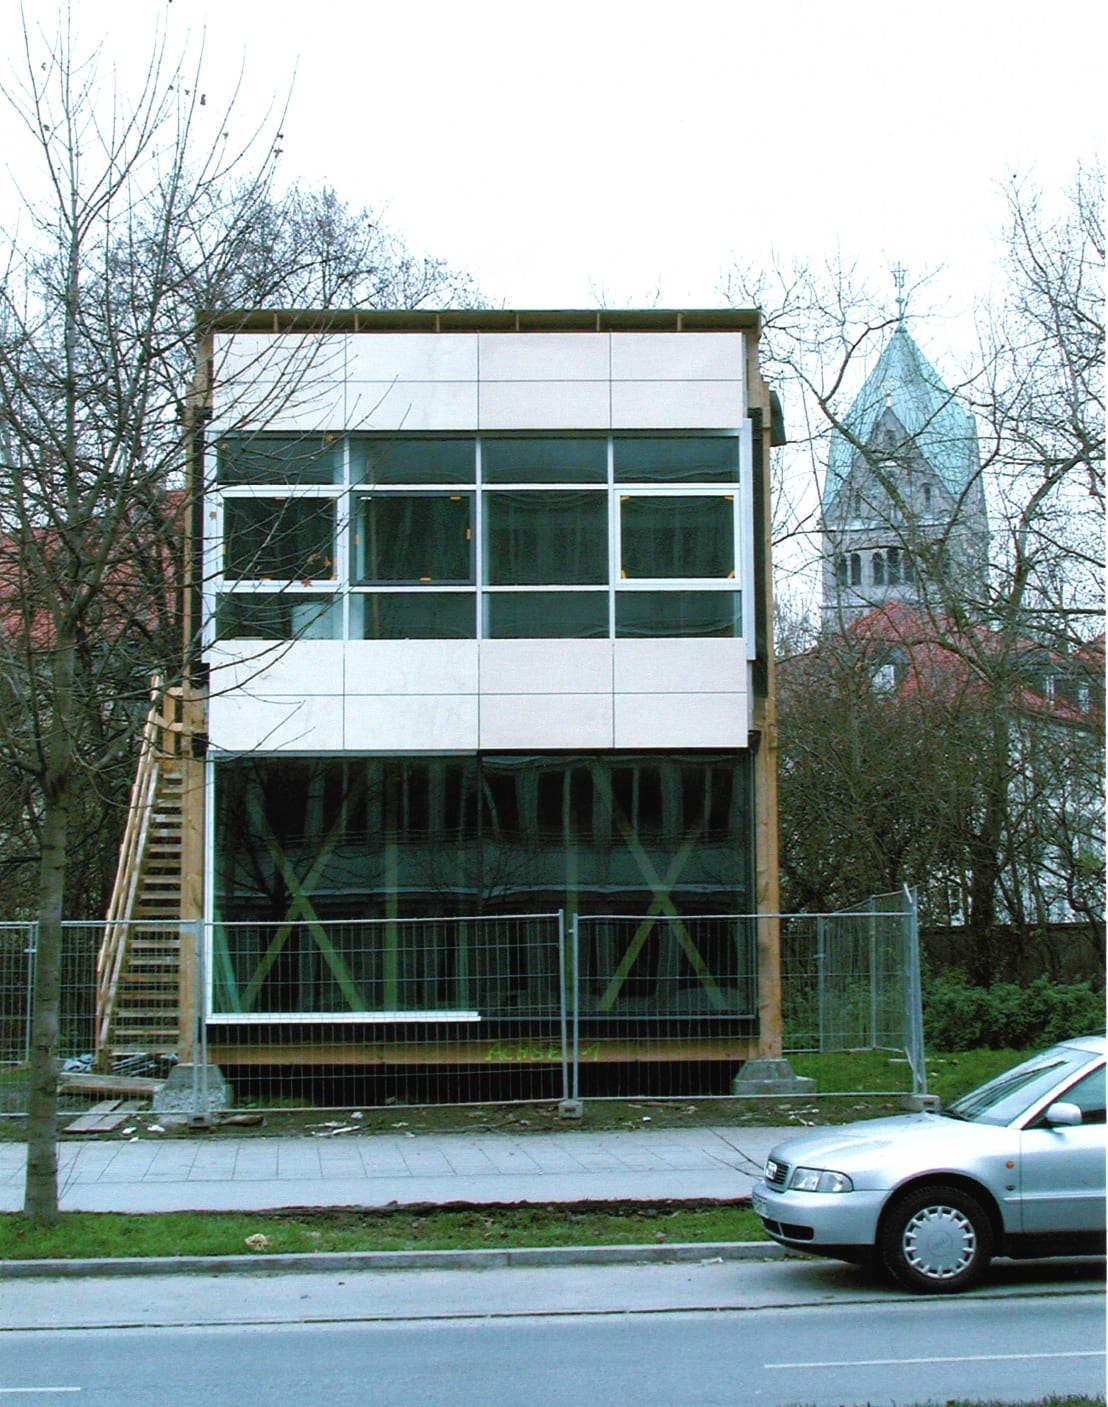 Wohnatelier unterschwarzenberg von thomas pscherer - Thomas pscherer architekt ...